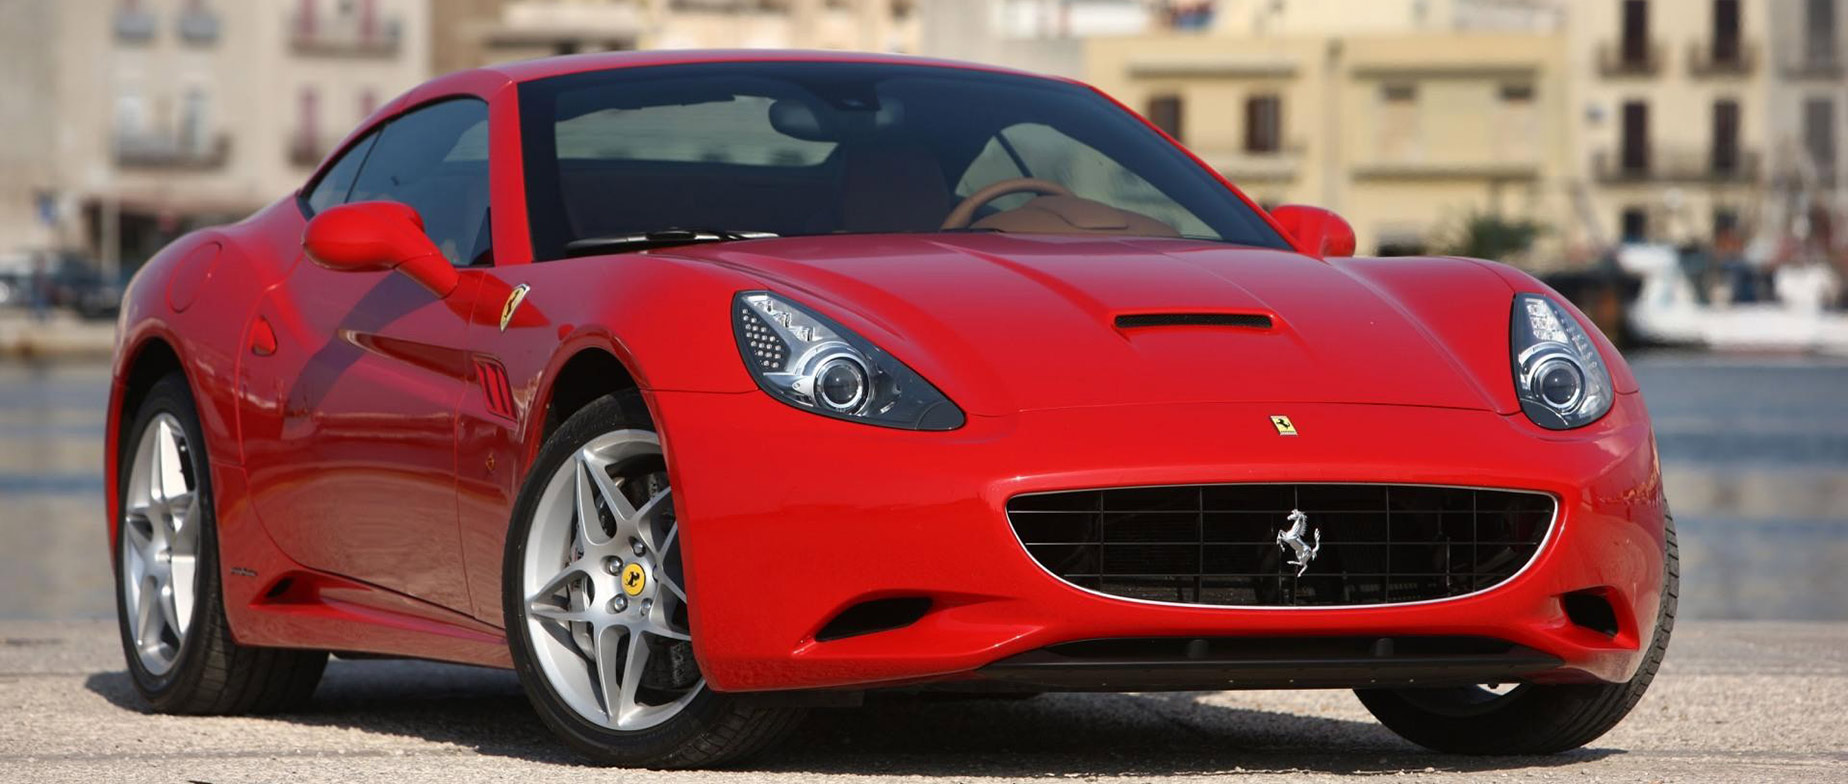 Ferrari California élményautózás DRX Ringen